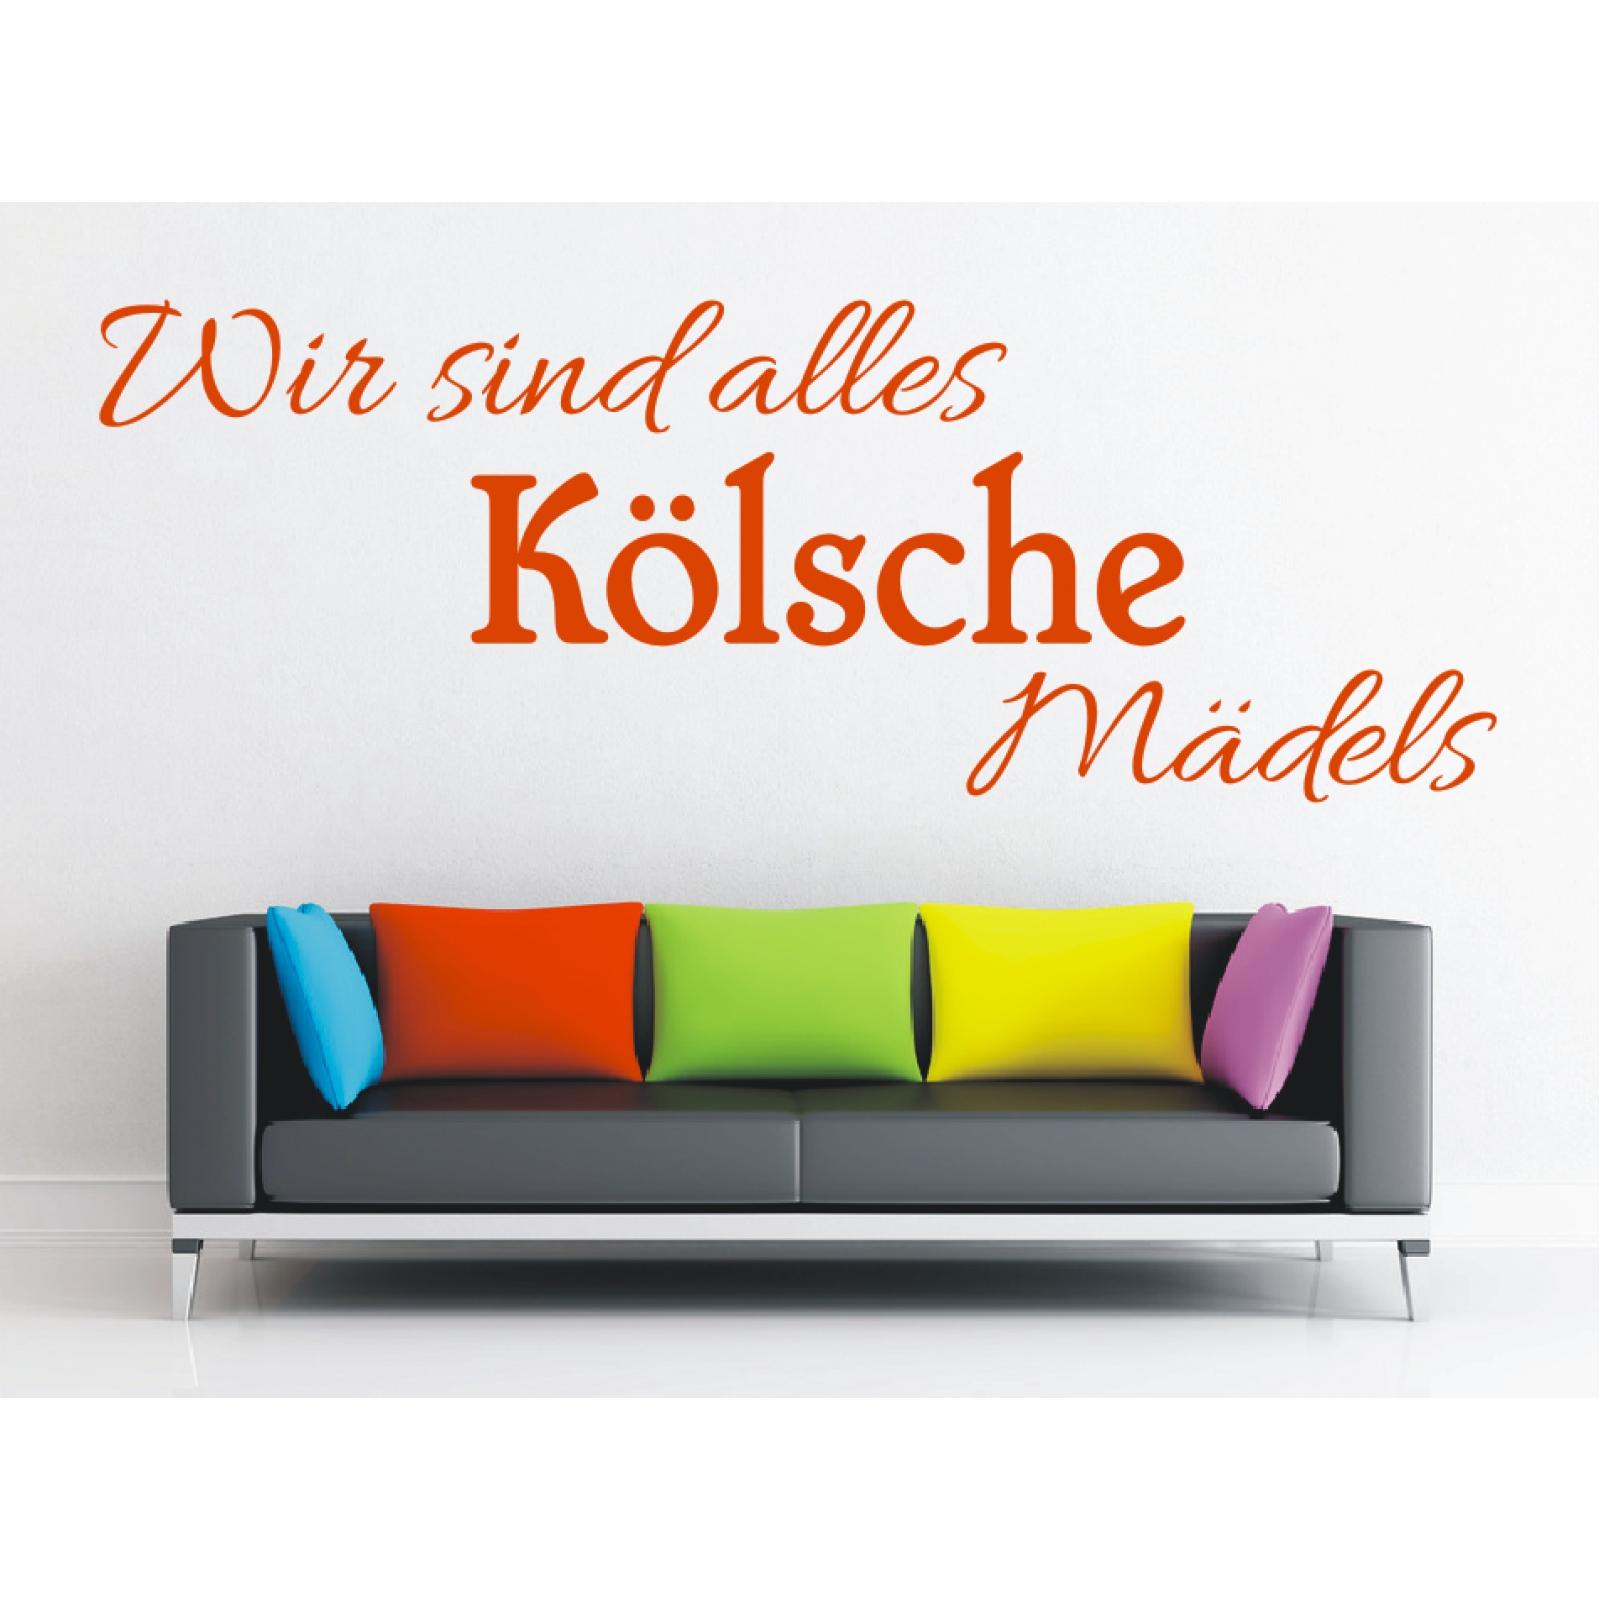 Liebenswert Wandtattoo Köln Foto Von Köln - Wir Sind Alles Kölsche Mädels